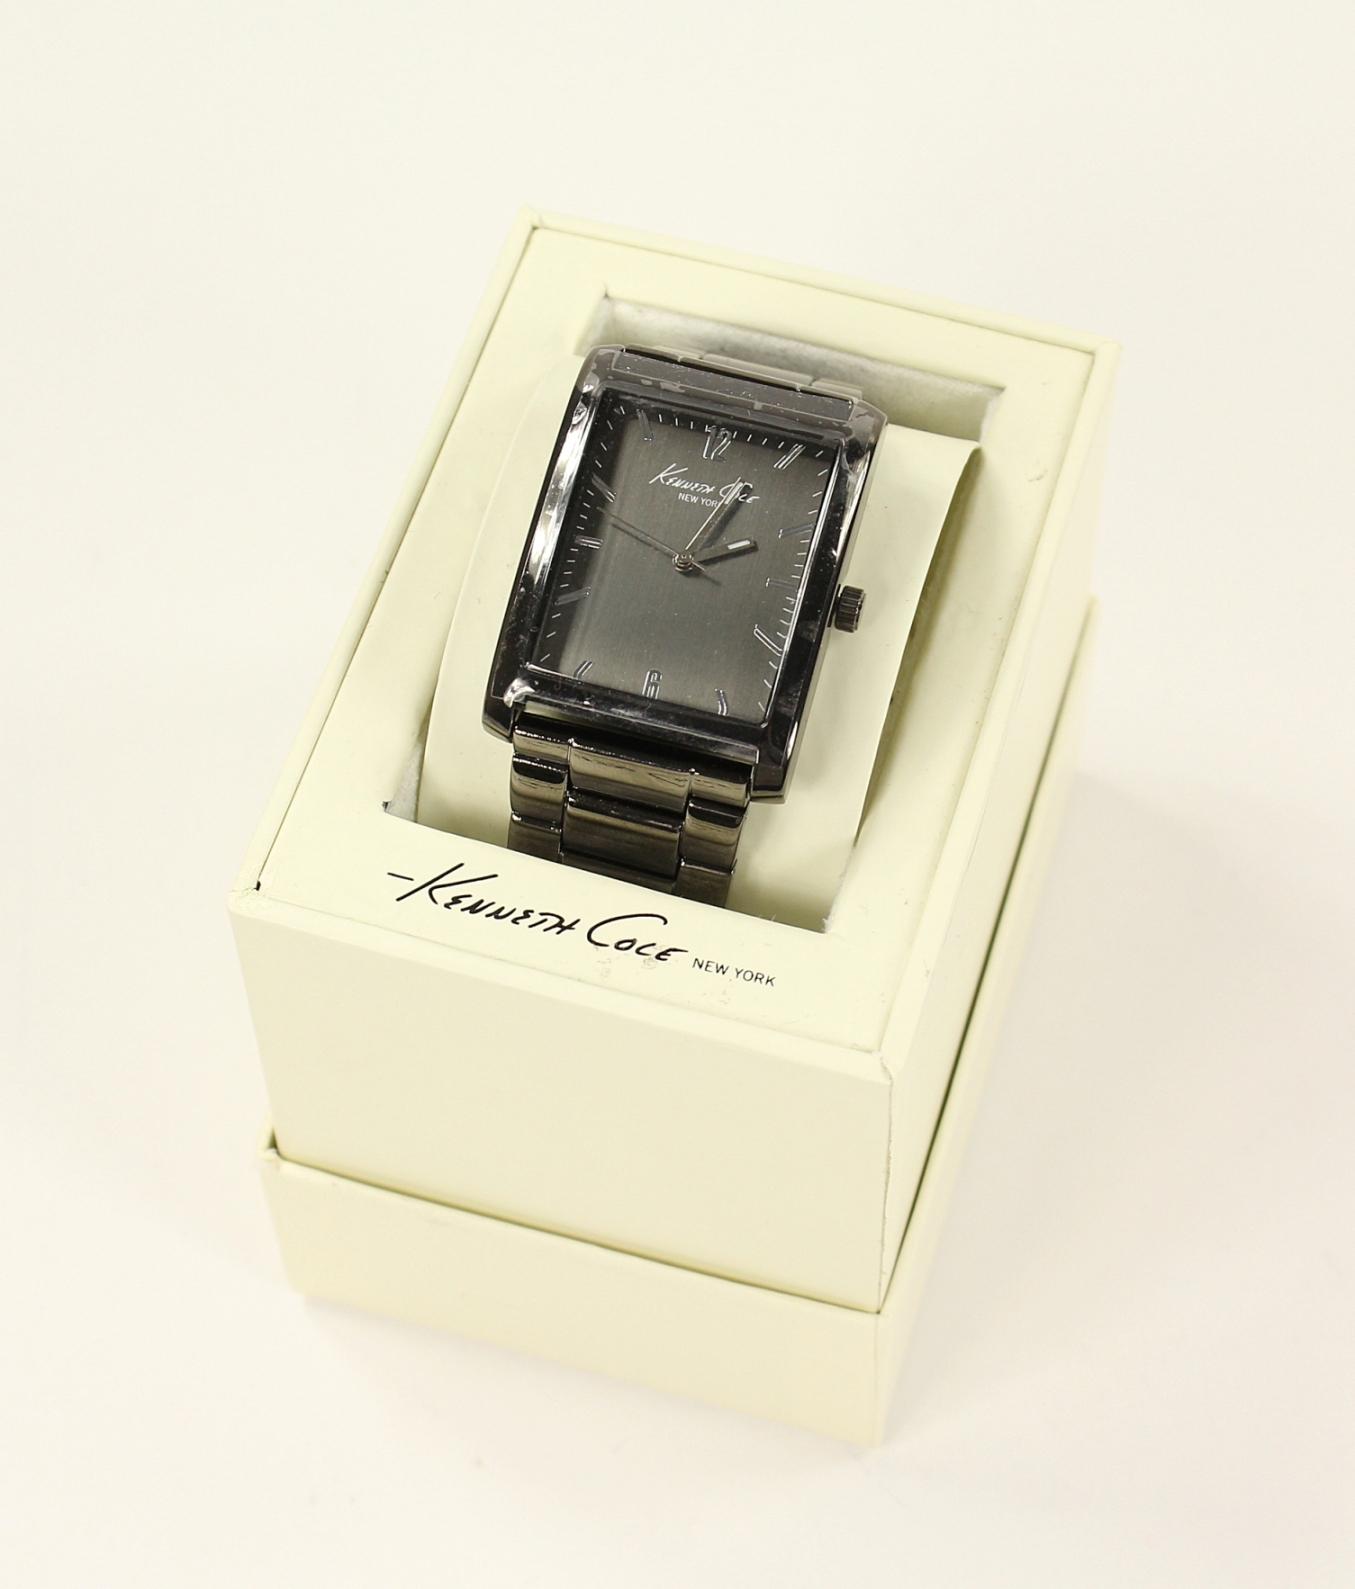 美國百分百【全新真品】Kenneth Cole 手錶 KC 配件 石英錶 不鏽鋼 對錶 禮物 禮盒 黑 男 女 3005